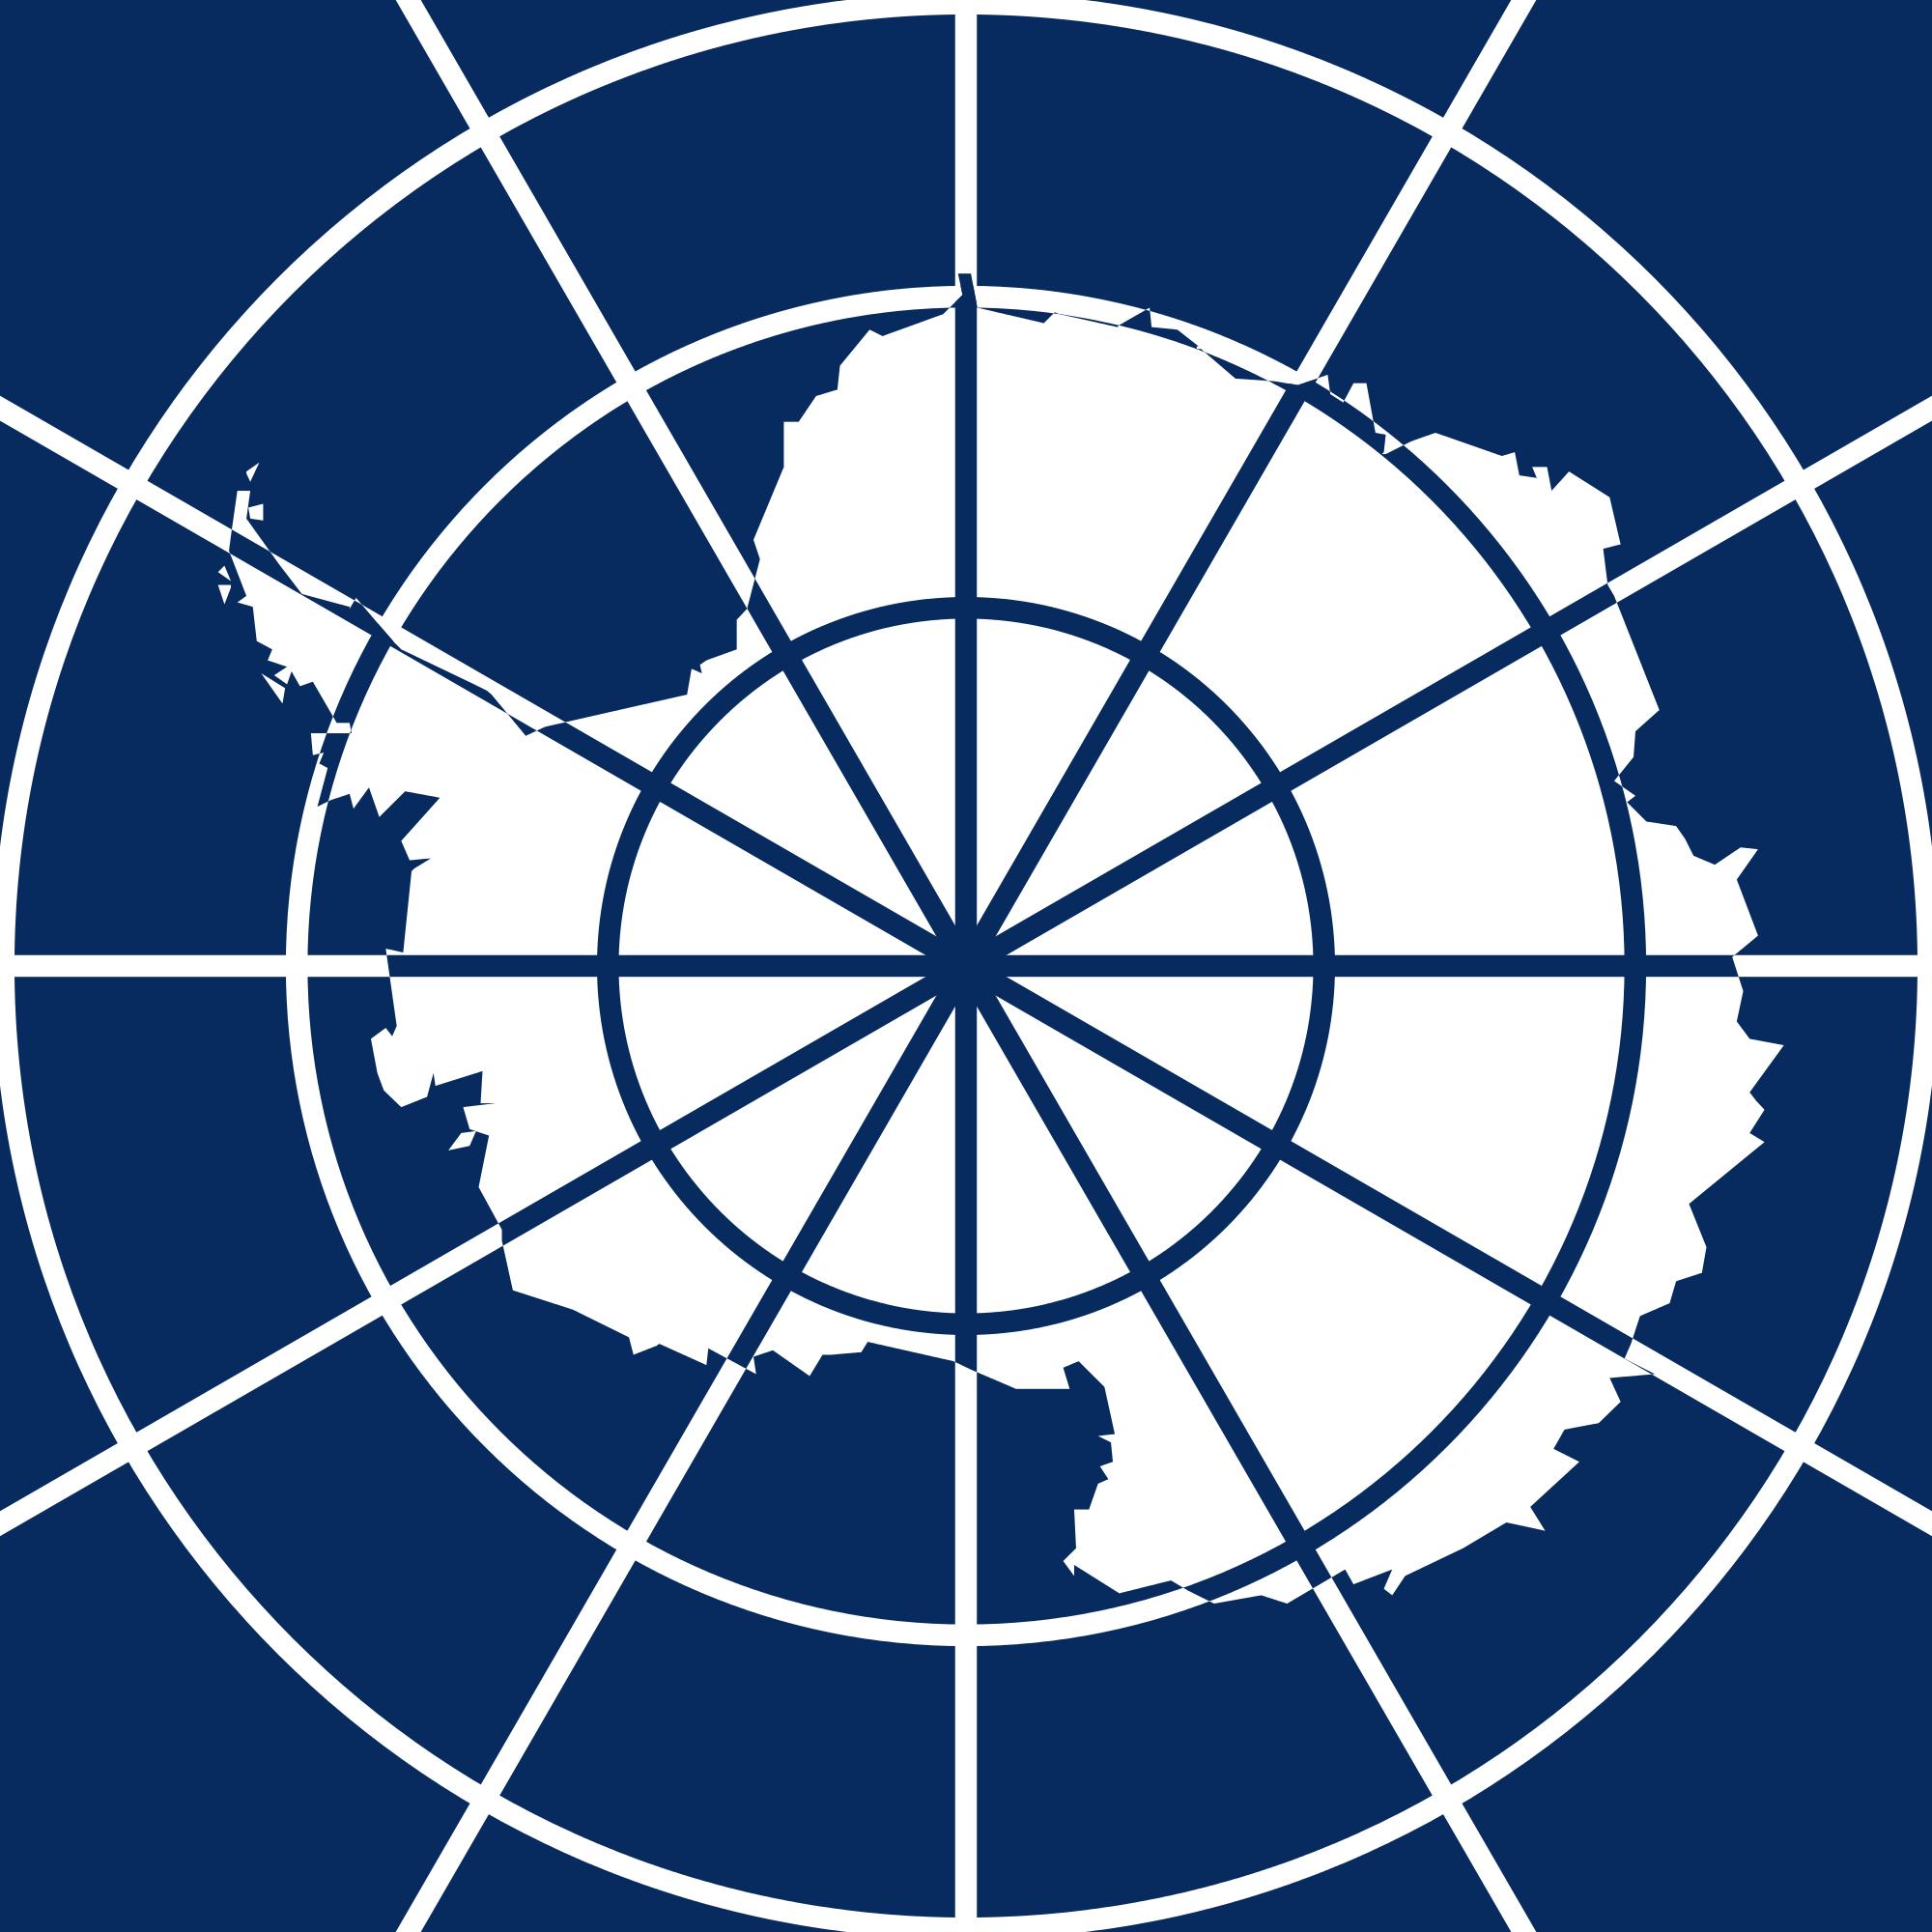 Antarktis, Land, Emblem, Logo, Symbol - Wallpaper HD - Prof.-falken.com